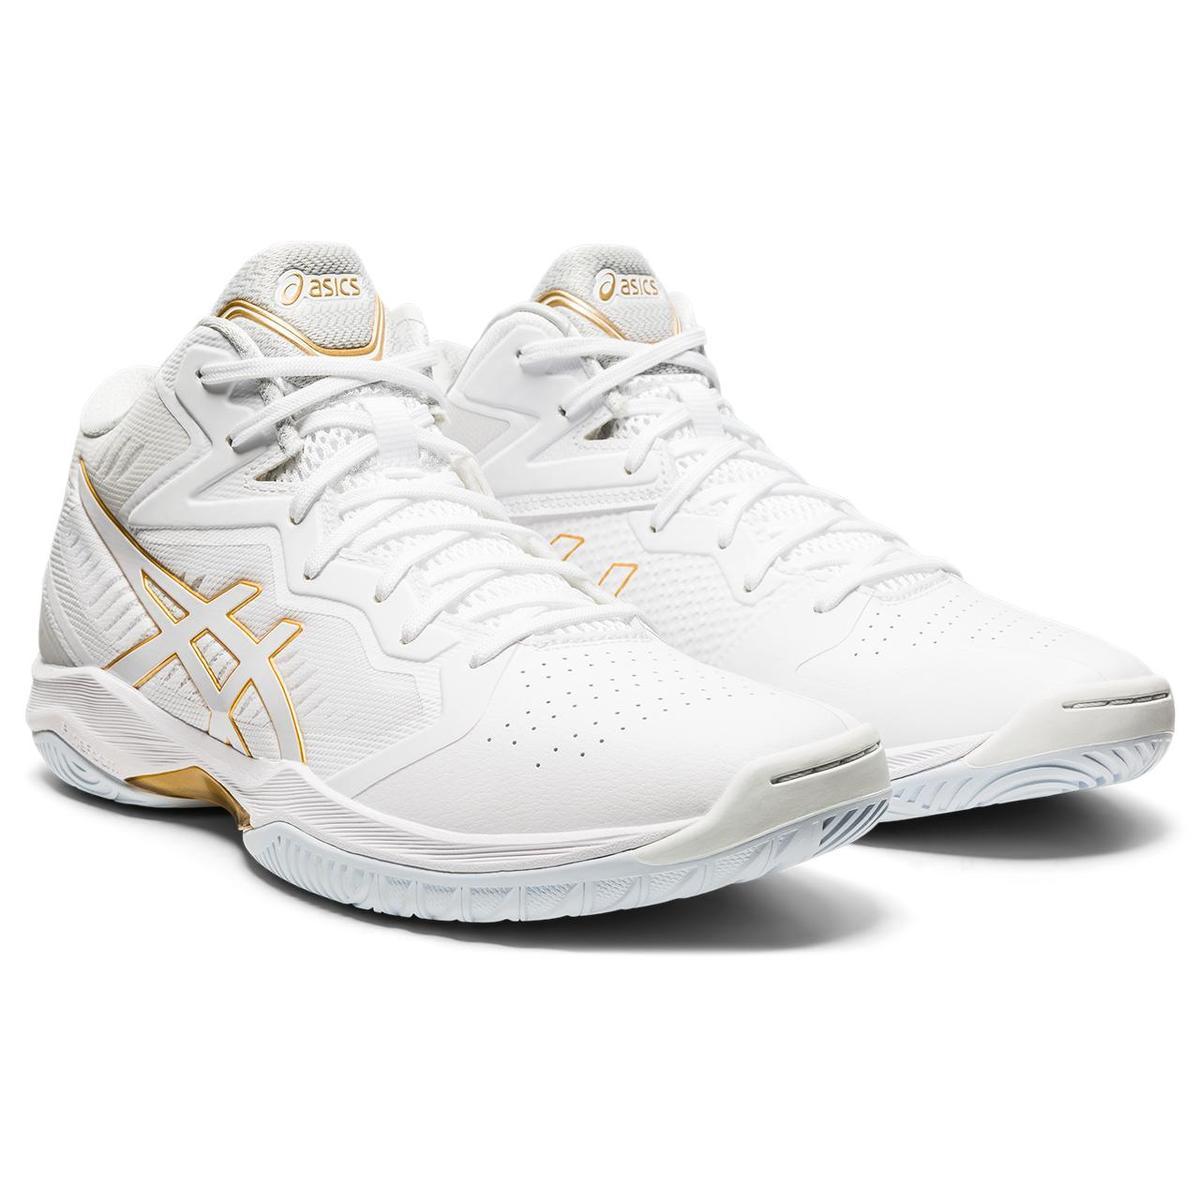 2020FW新色!ASICS(アシックス) バスケットシューズ GELHOOP V12(ゲルフープV12)[1063A021-105] 【バスケットボール】バスケットボールシューズ バッシュ バスケットシューズ アシックス